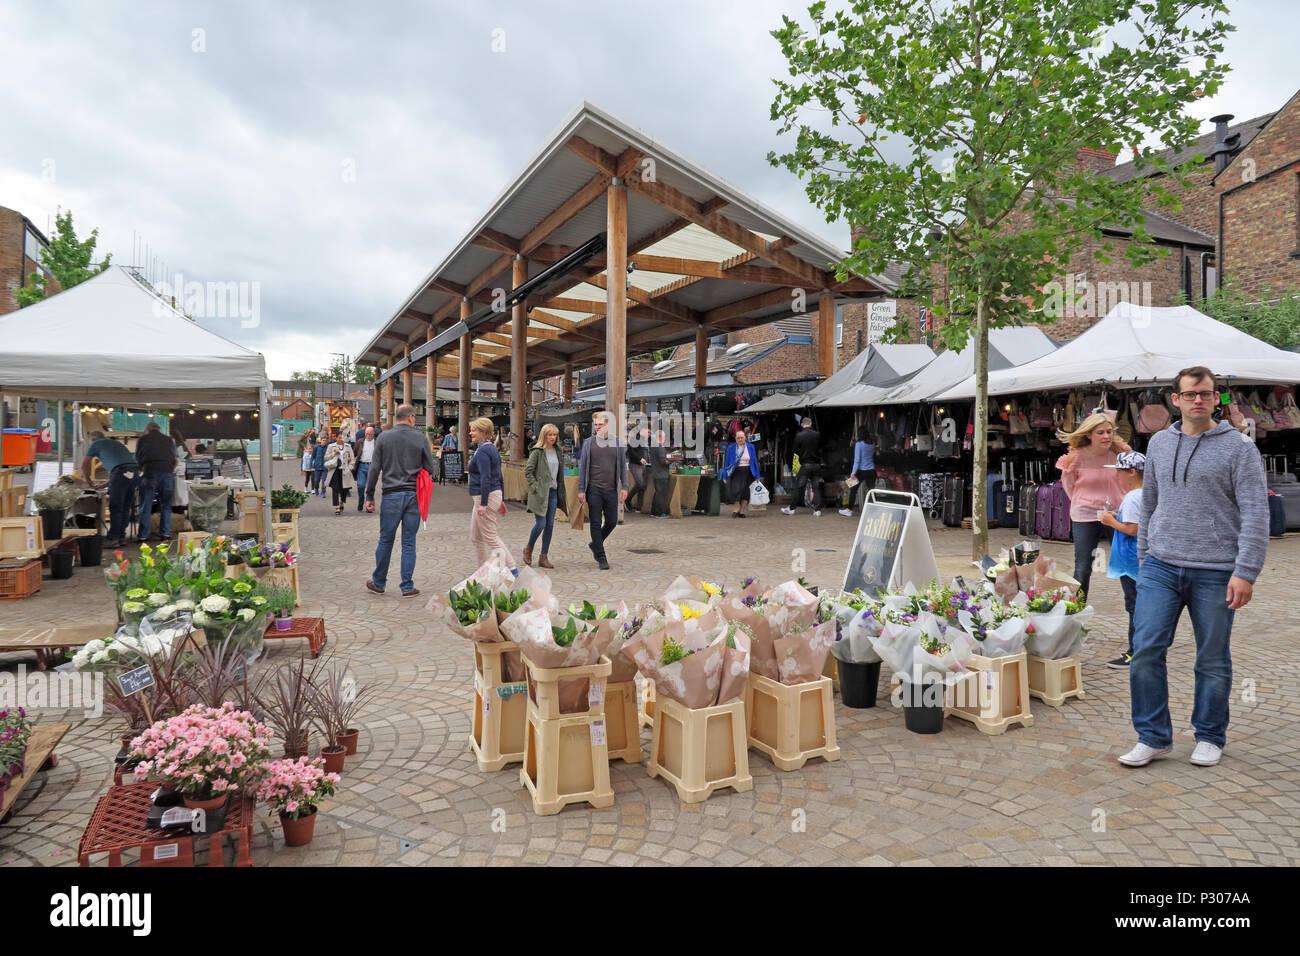 Laden Sie dieses Alamy Stockfoto Altrincham erfolgreichen Retail Town Market (ähnlich Borough Market), Trafford Rat, Greater Manchester, North West England, Großbritannien - P307AA